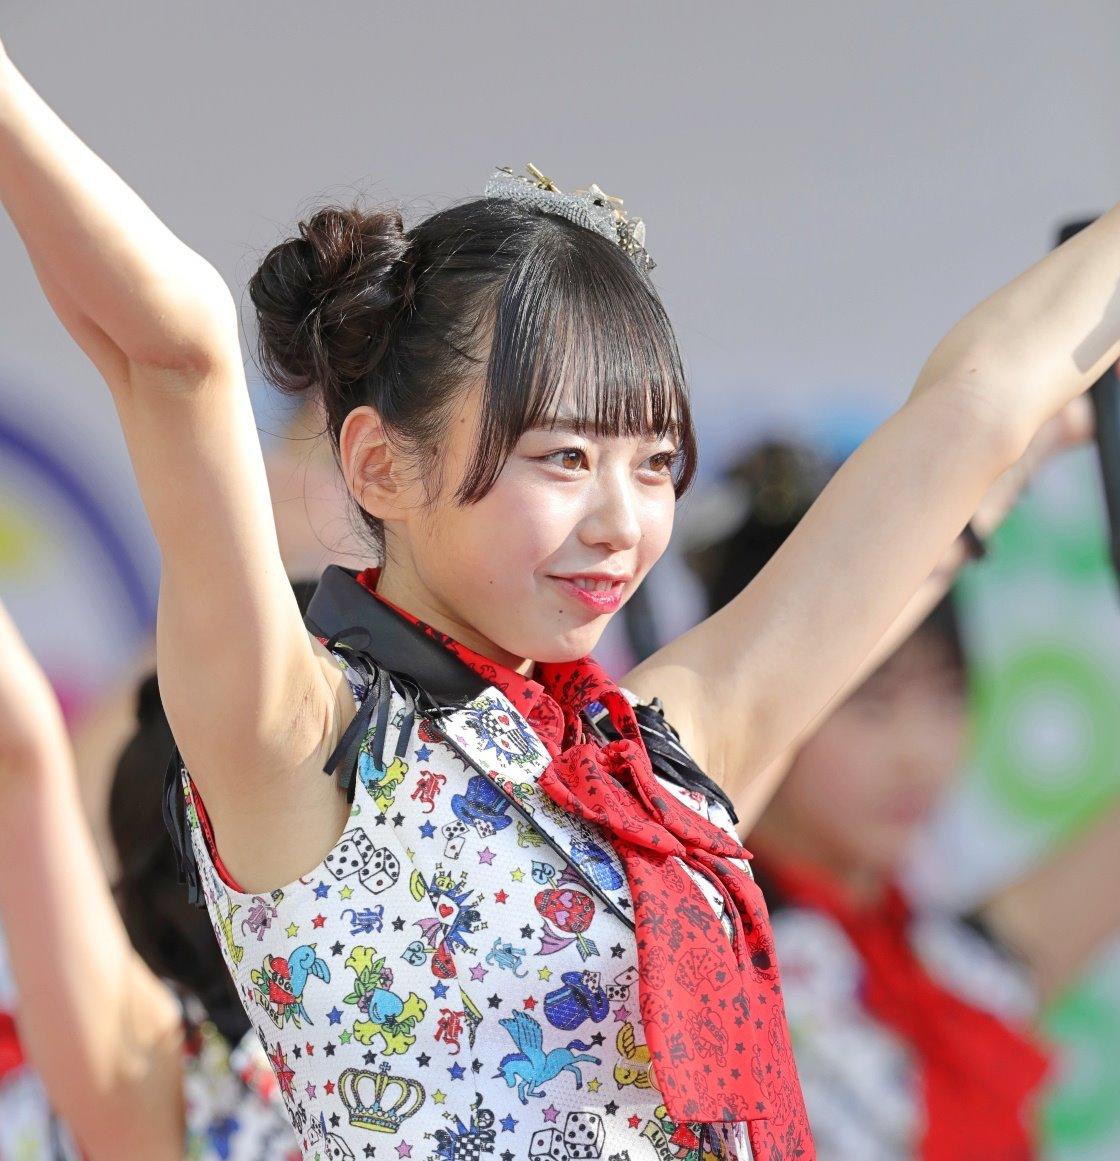 AKB48フレッシュ選抜メンバーの腋見せライブ (6)